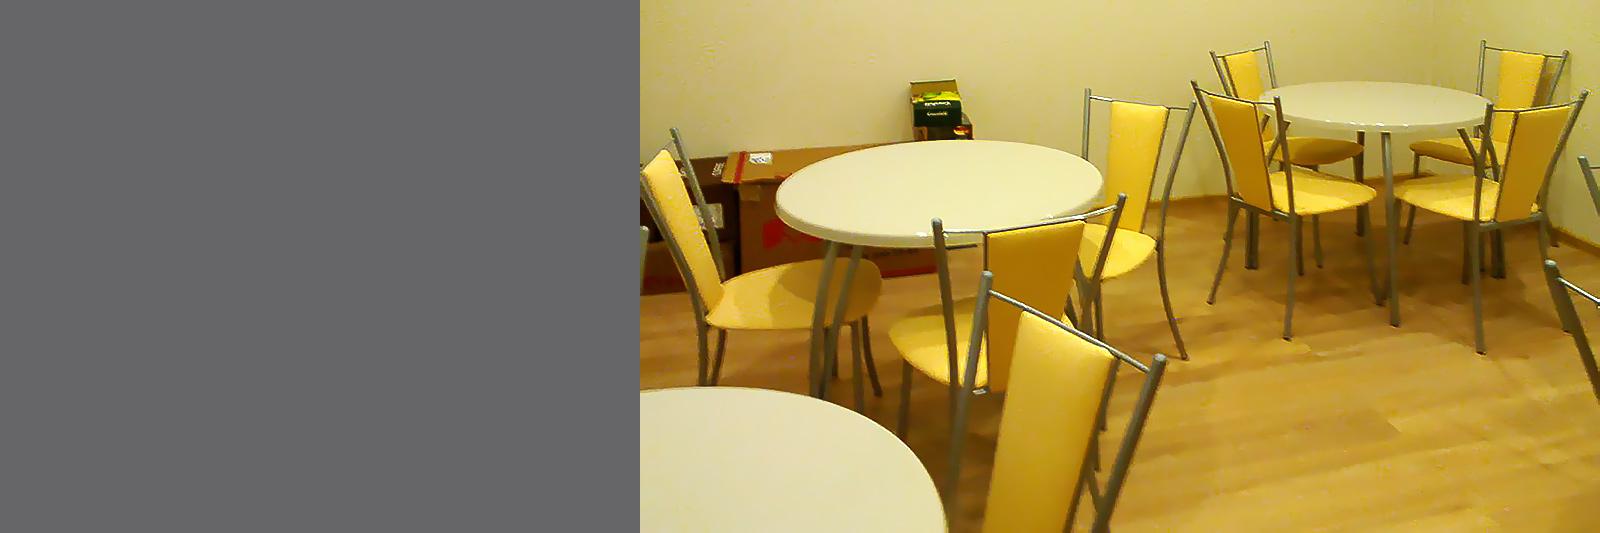 Обеденные столы со стульями для офисной кухни